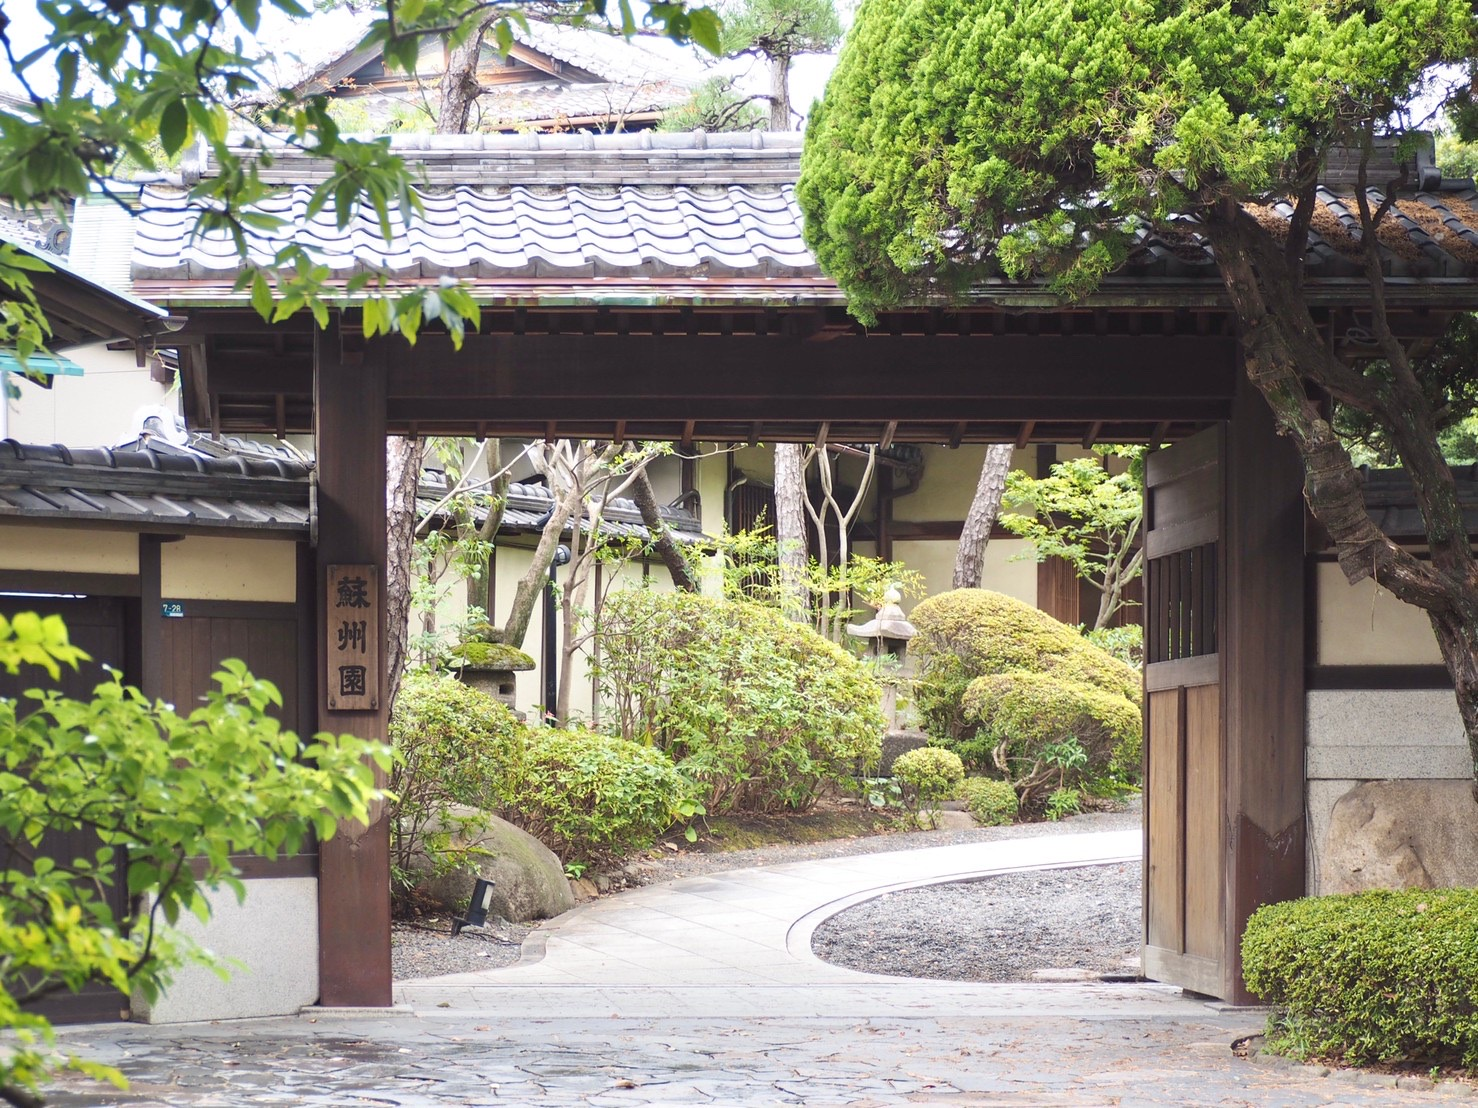 ザ・トリートドレッシング神戸店が提携している蘇州園でおすすめのコーディネートのご紹介